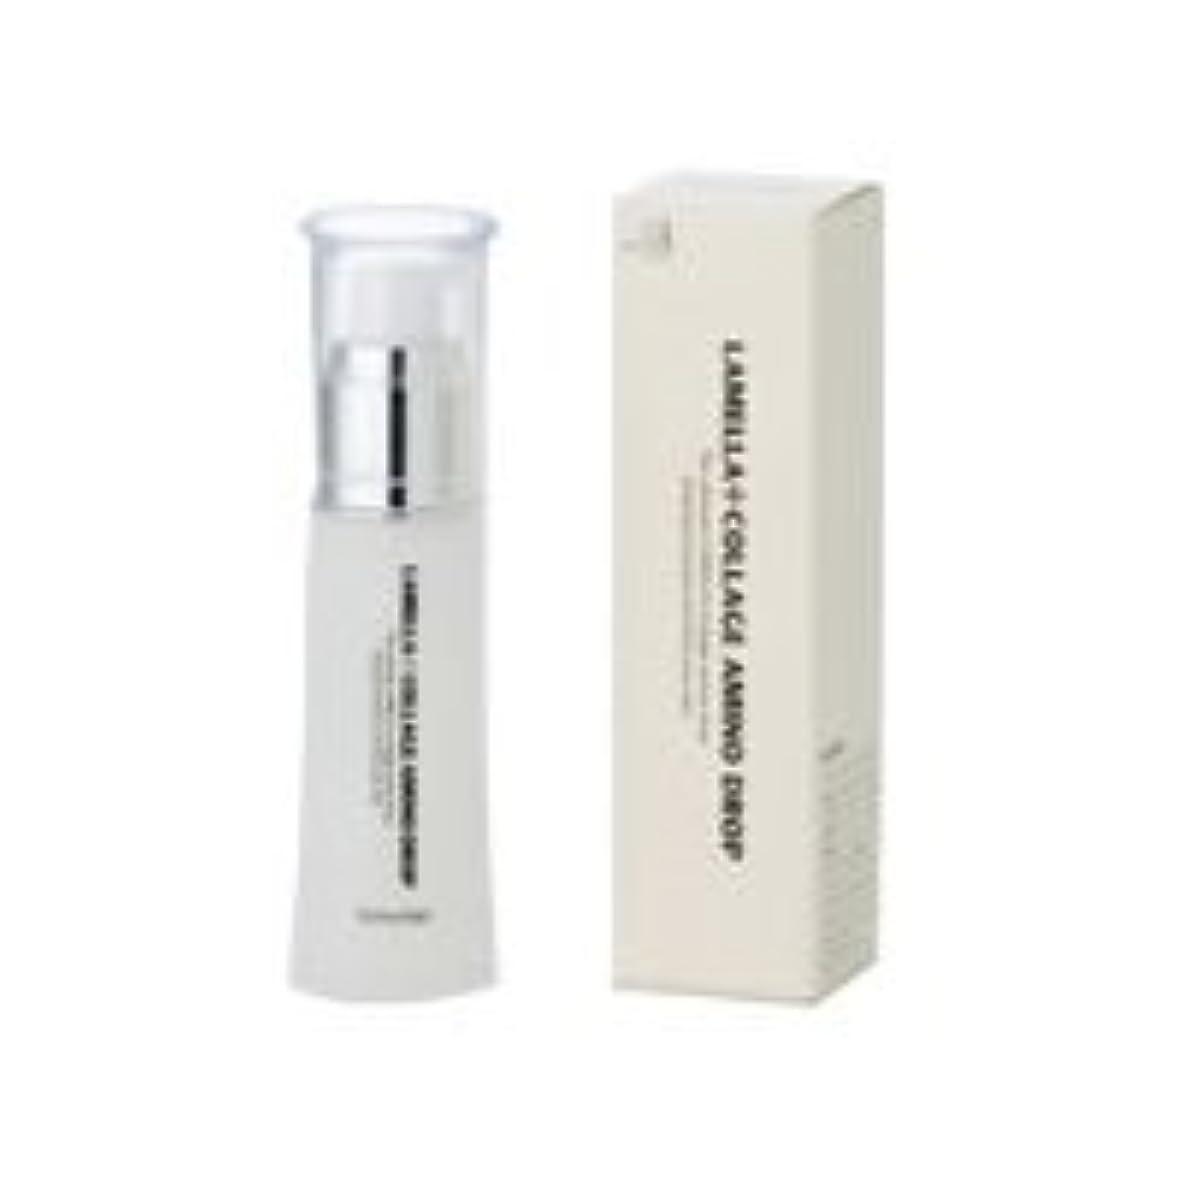 模索教ショッキングテクノエイト ラメラコラージュ アミノドロップ 40ml (導入美容液)